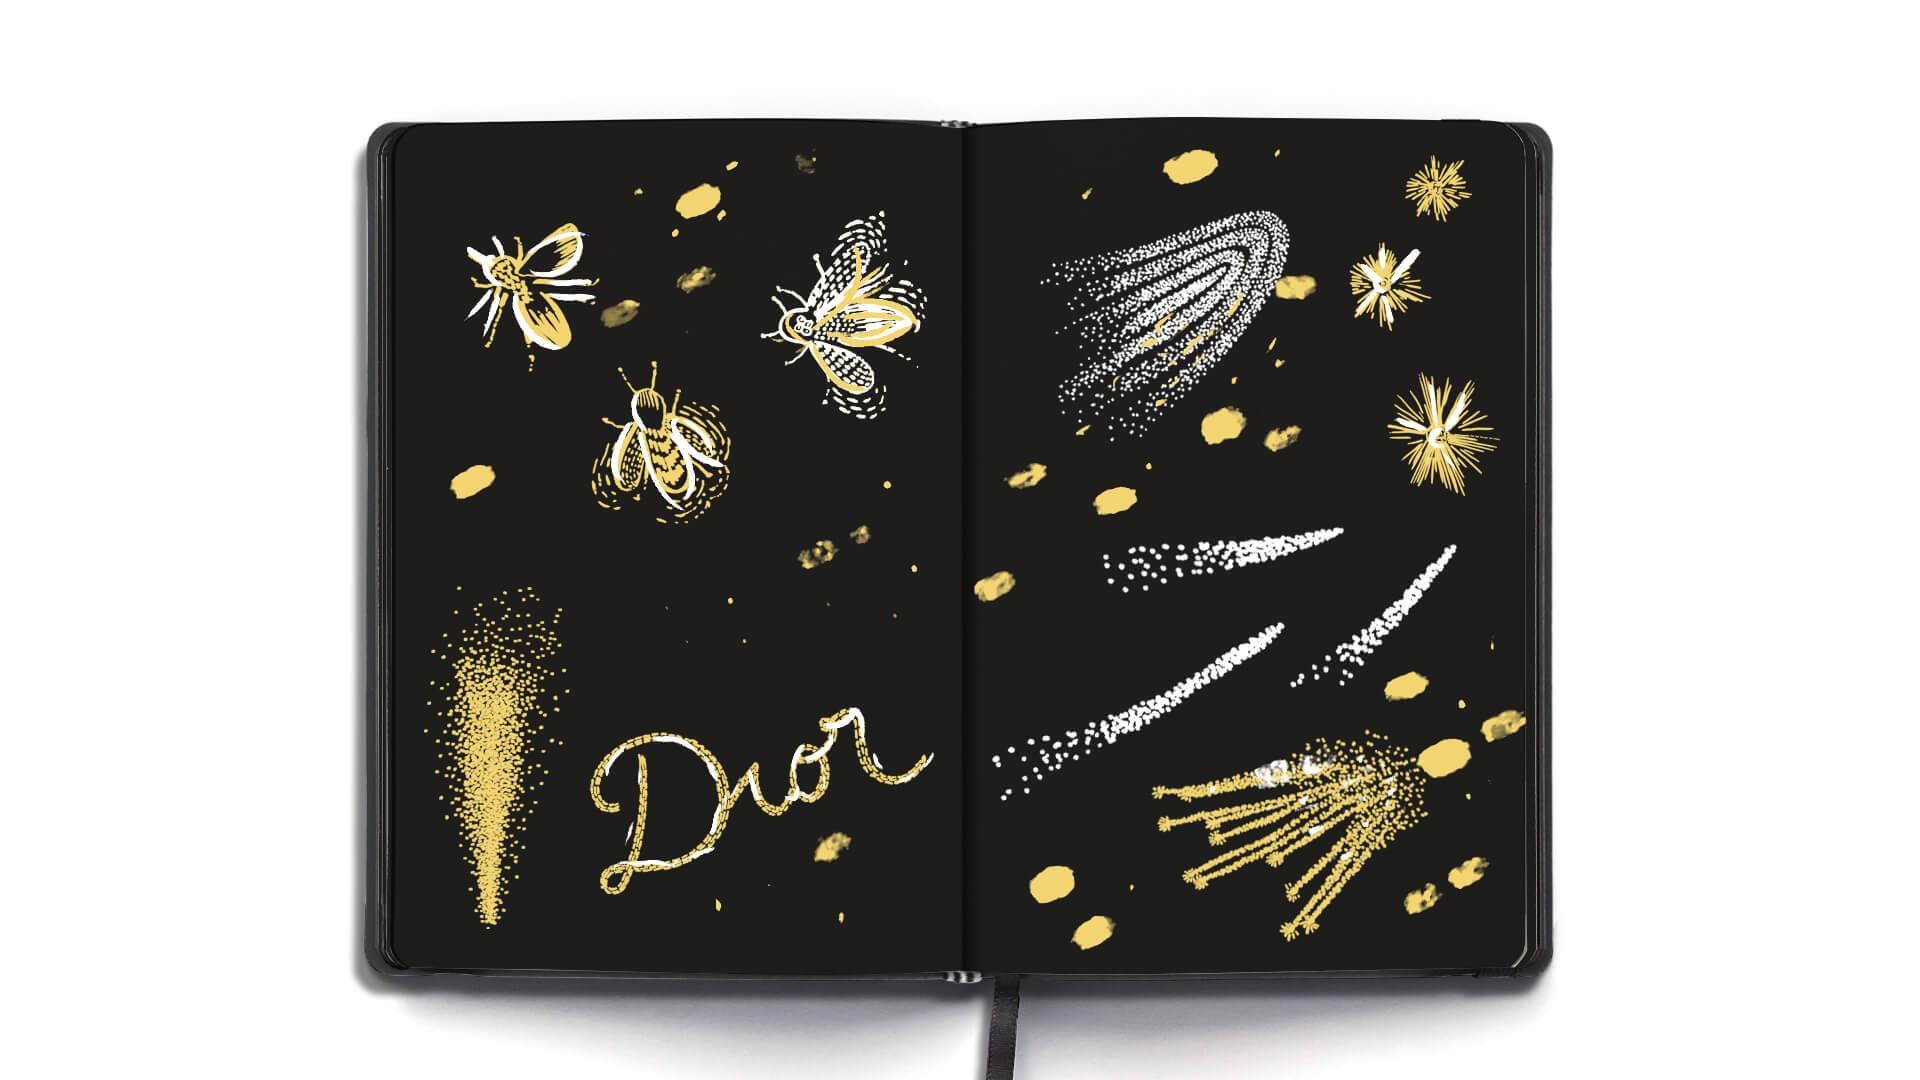 Illustration Xmas Dior 2020 4